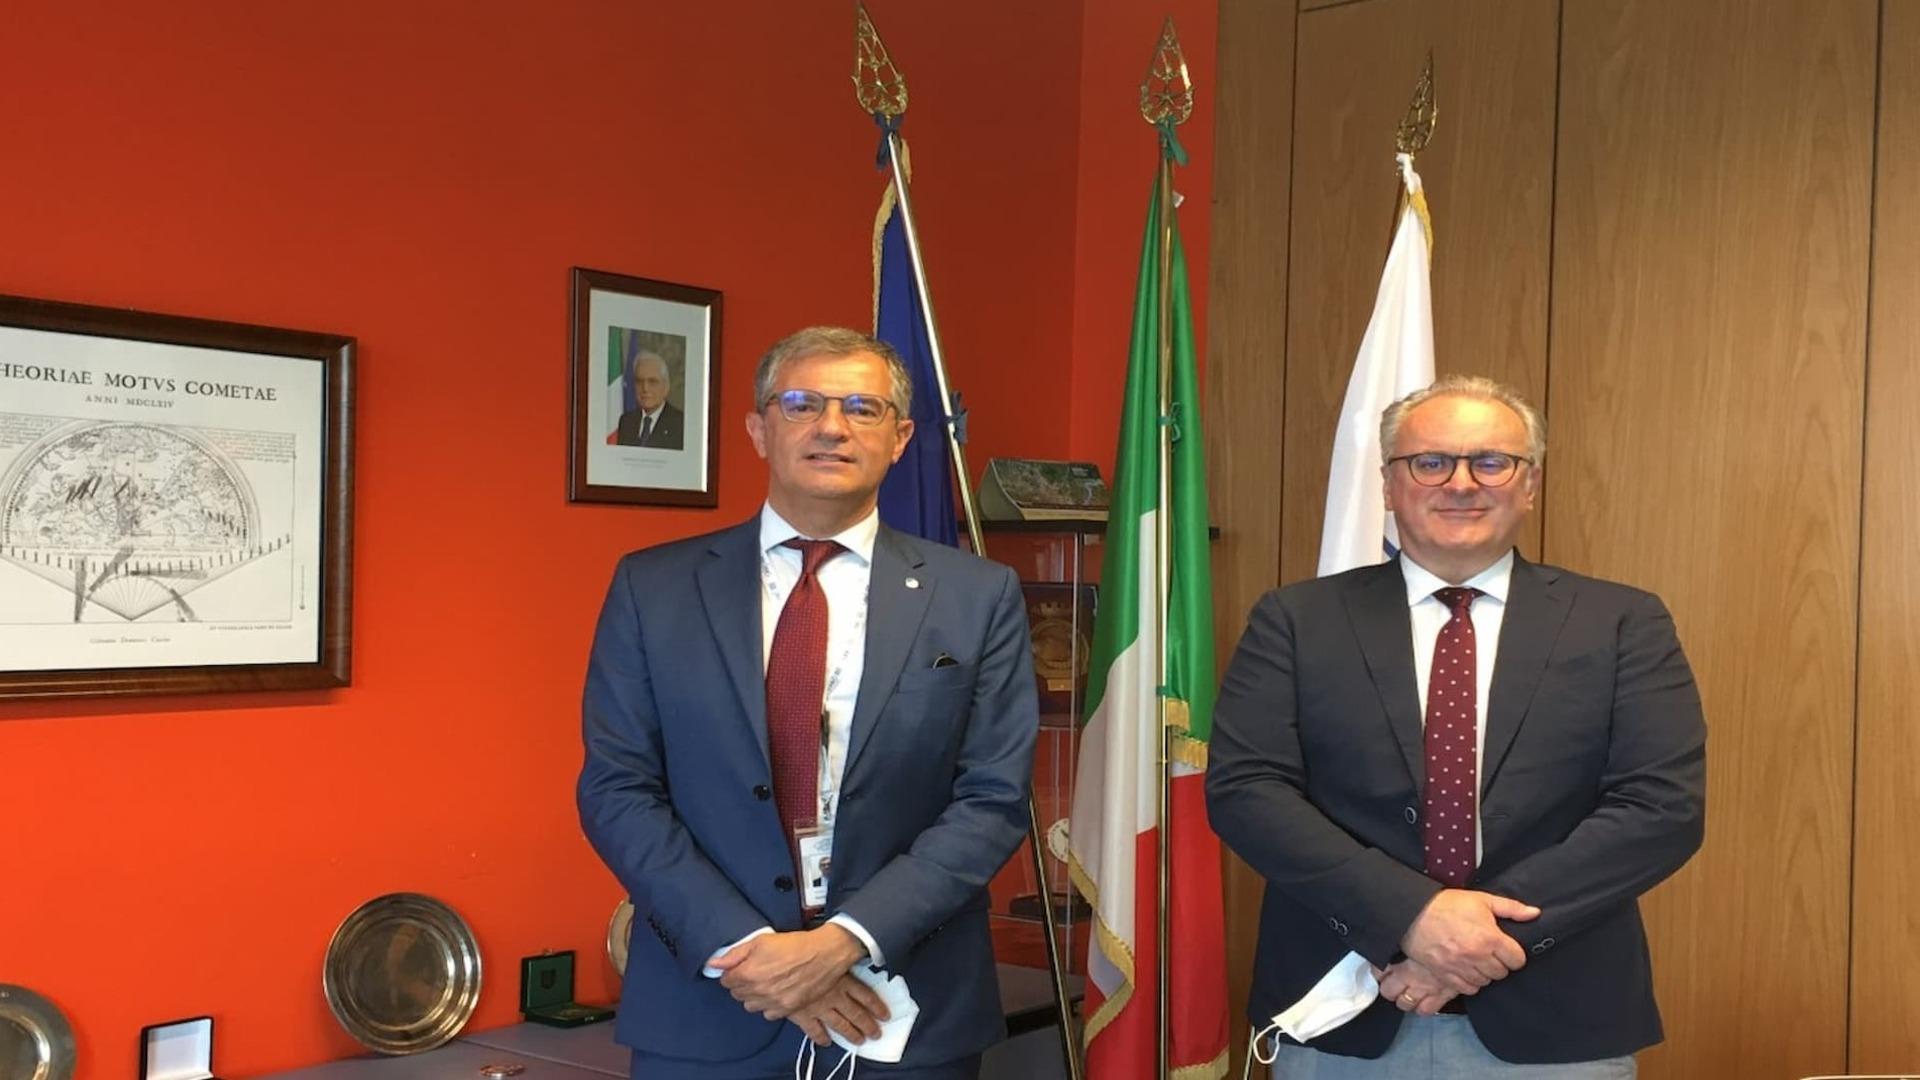 ASI - Spazio e trasporti, il punto della situazione sui viaggi del futuro tra Agenzia Spaziale Italiana e Autorità di regolazione dei trasporti